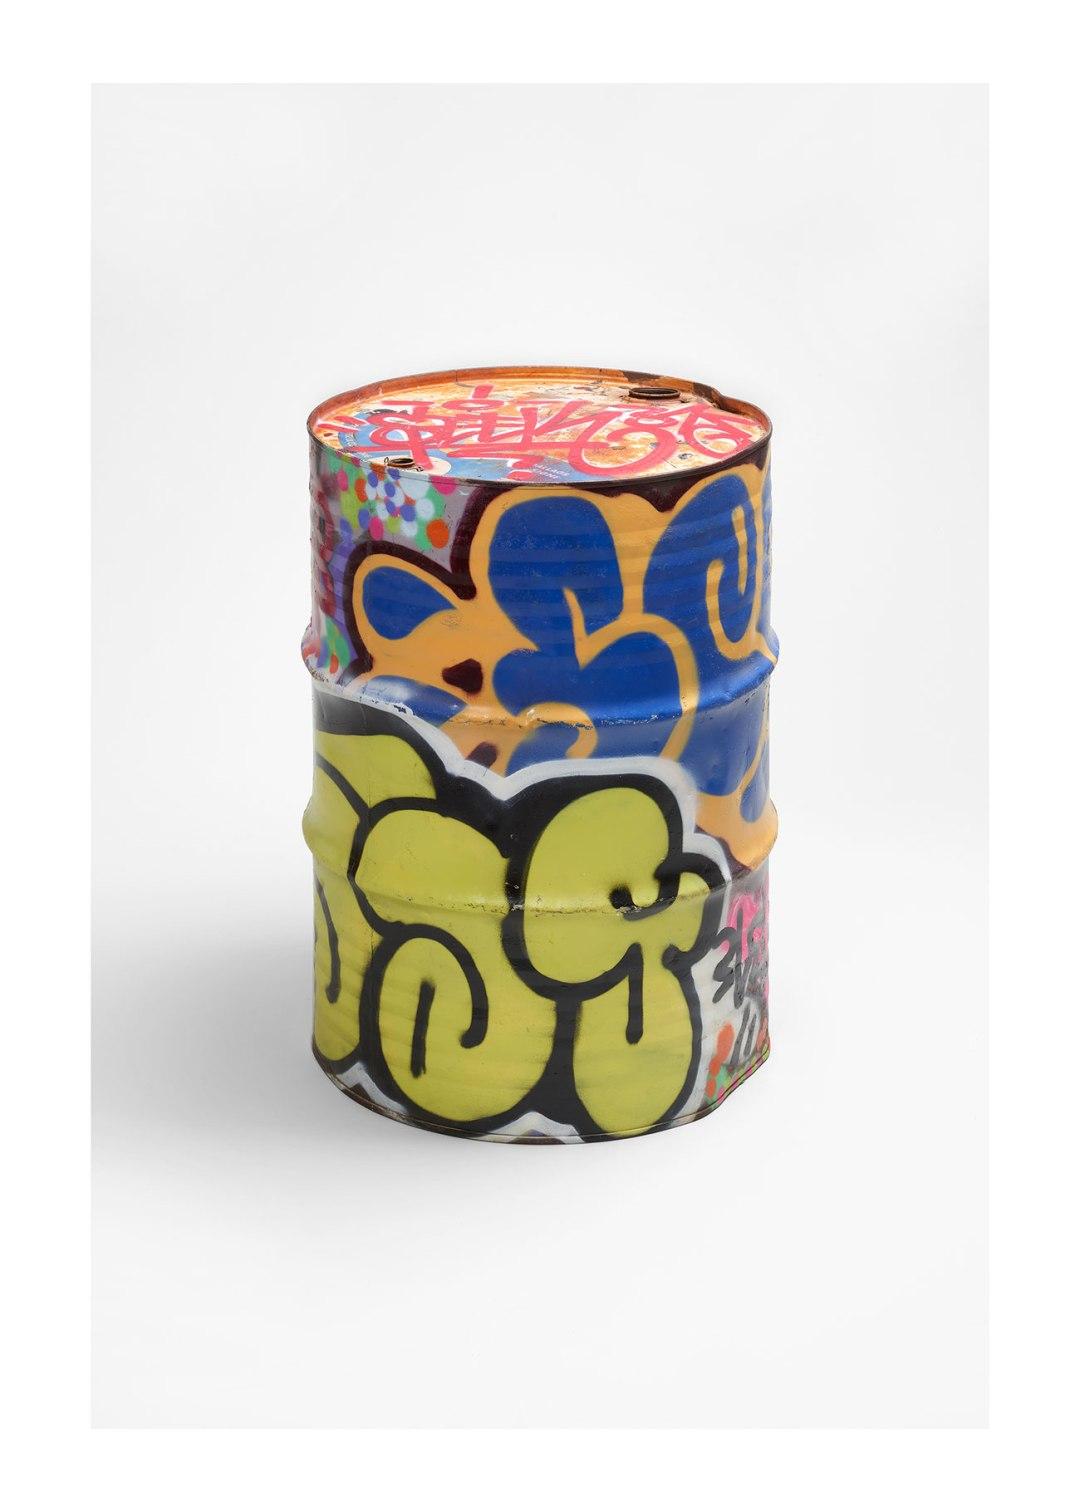 Seek baril graffe (c) photo Mucem, Yves Inchierman